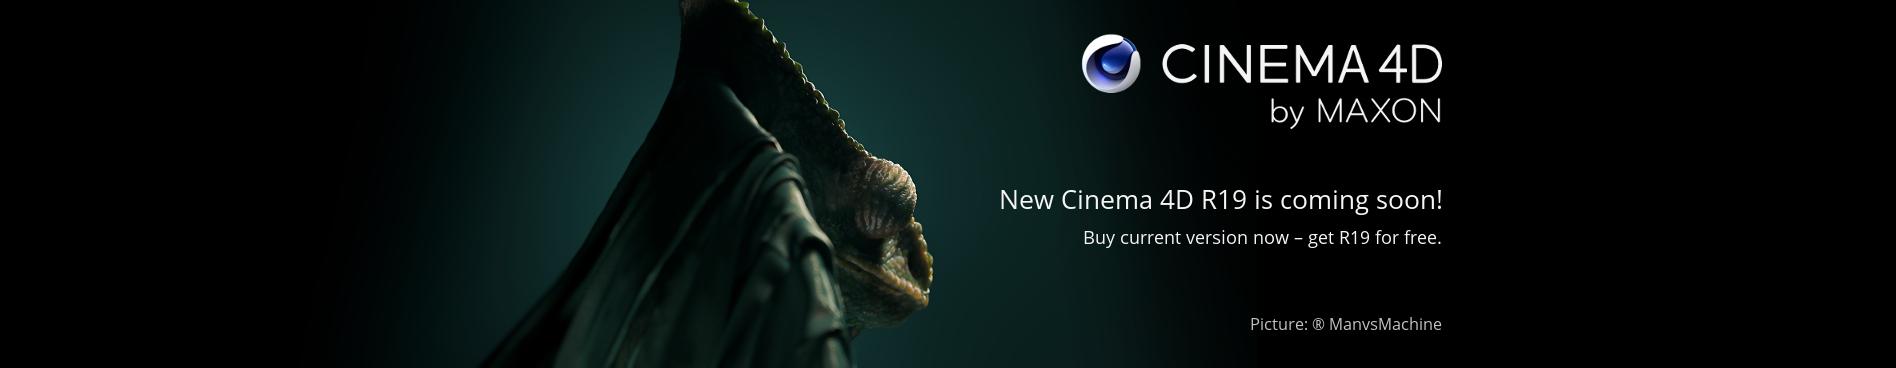 MAXON Cinema 4D R19 kommer snart